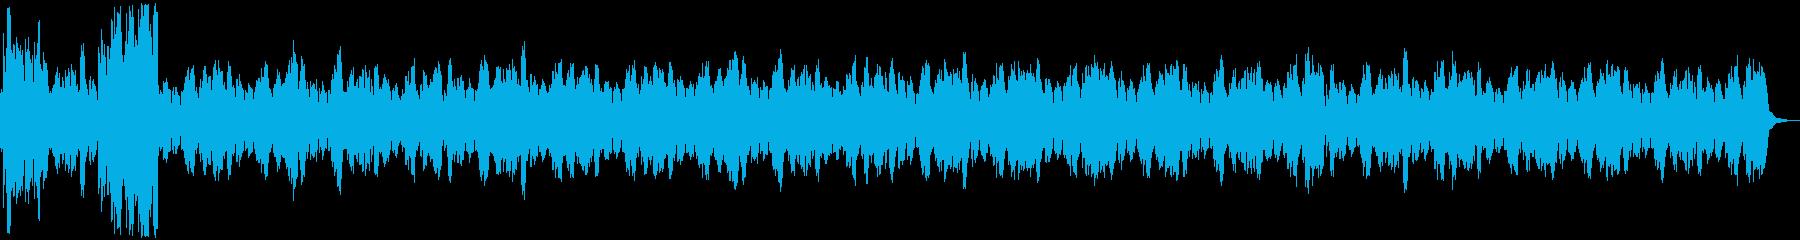 深海/夢/回想/SF/スペーシーの再生済みの波形